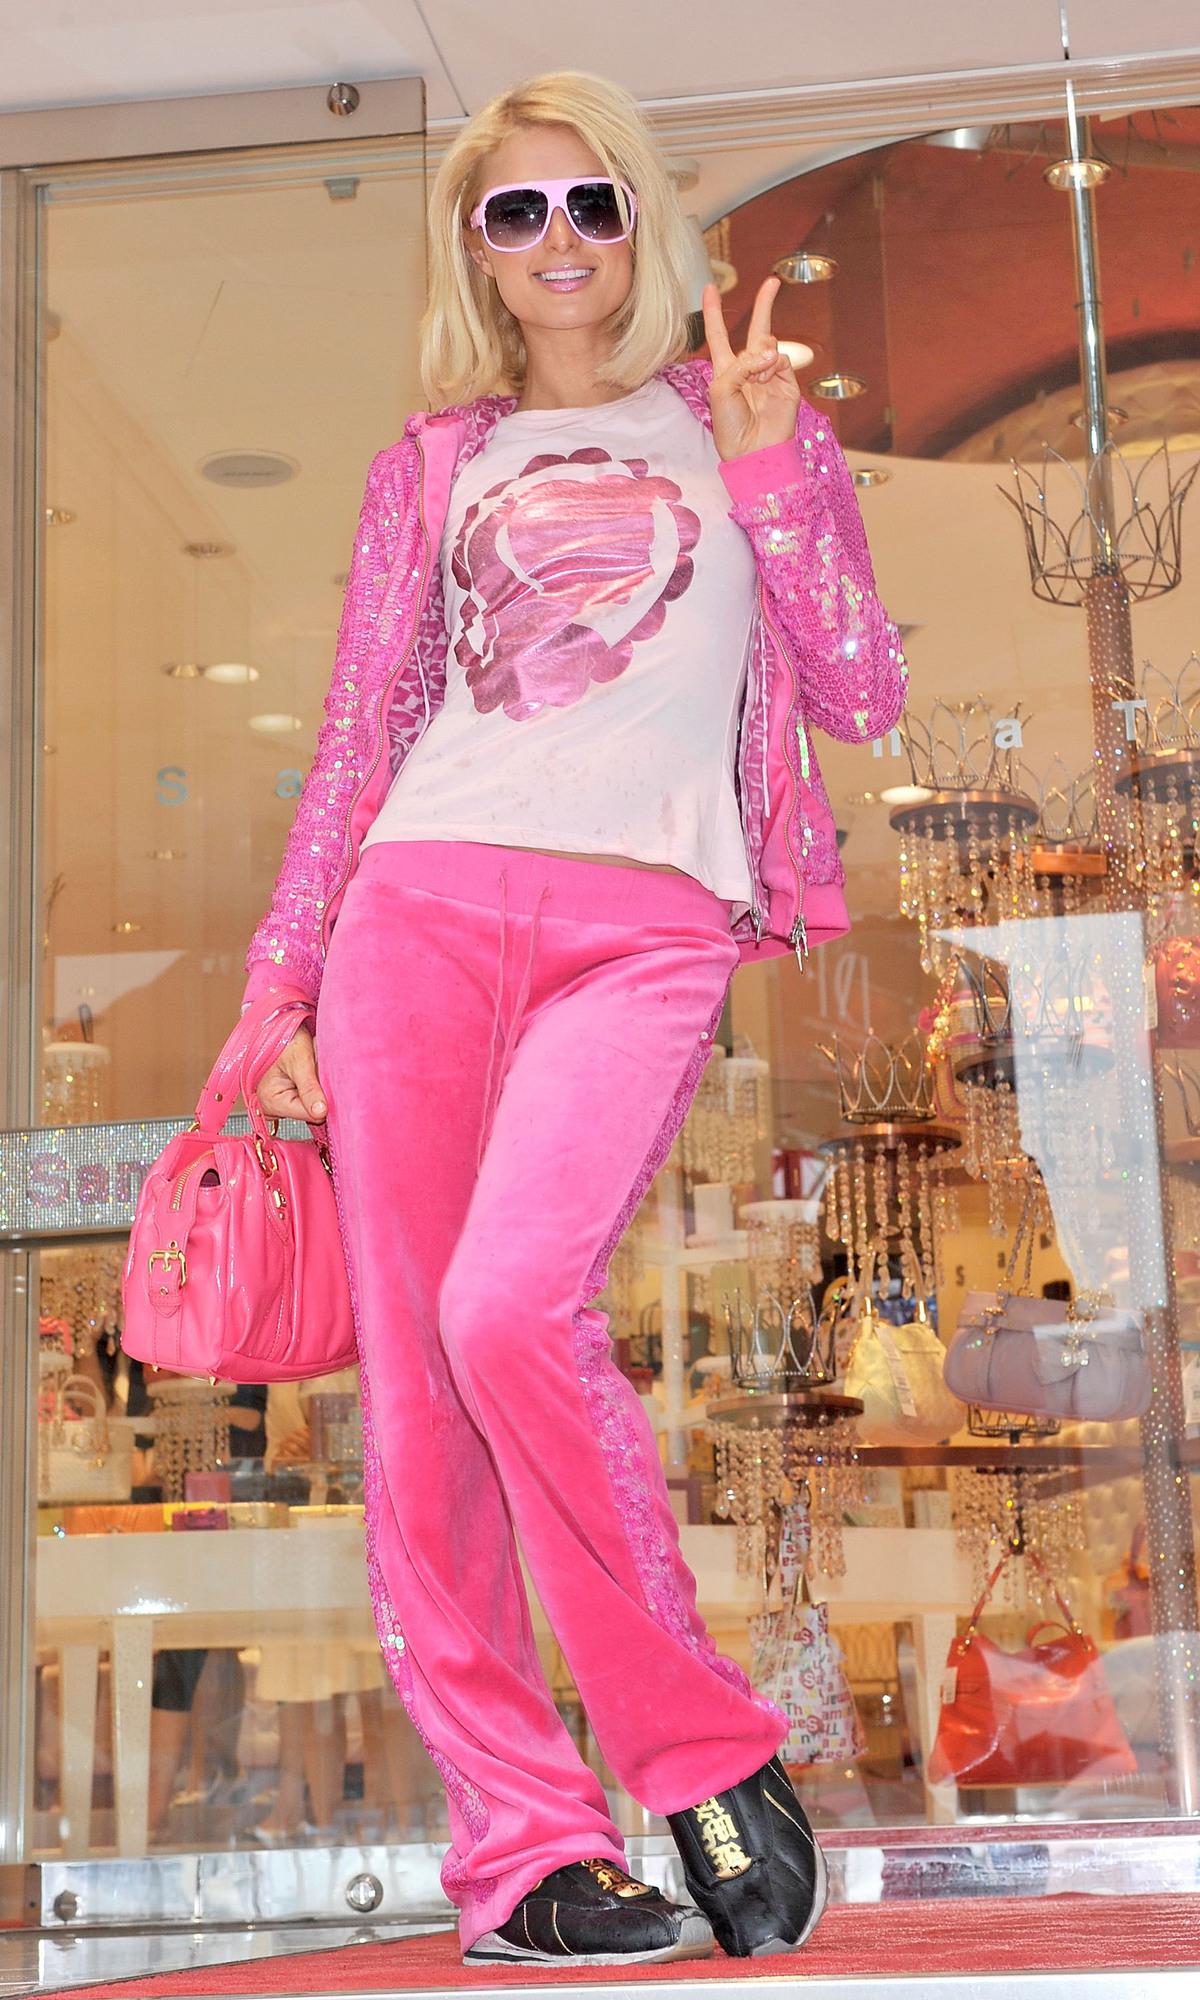 paris hilton wearing pink velour sweatsuit